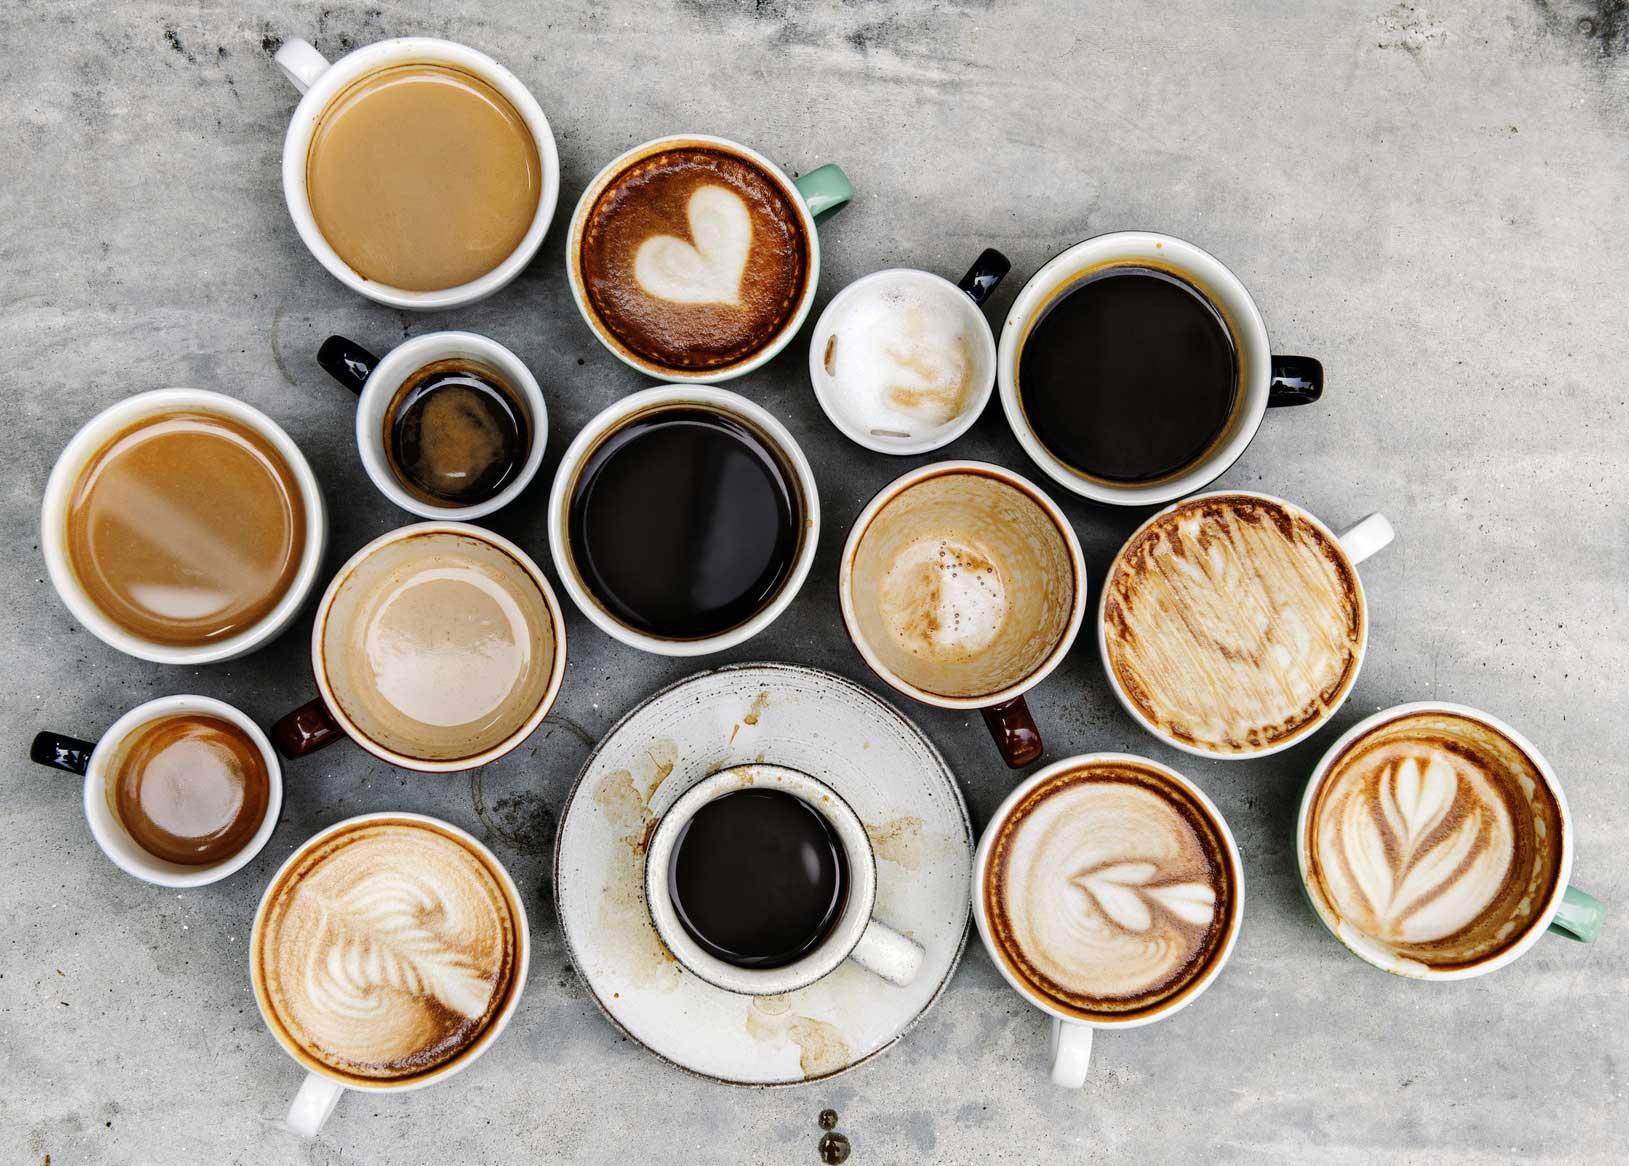 Italienische Kaffeespezialitäten selbst zubereiten: So geht's!